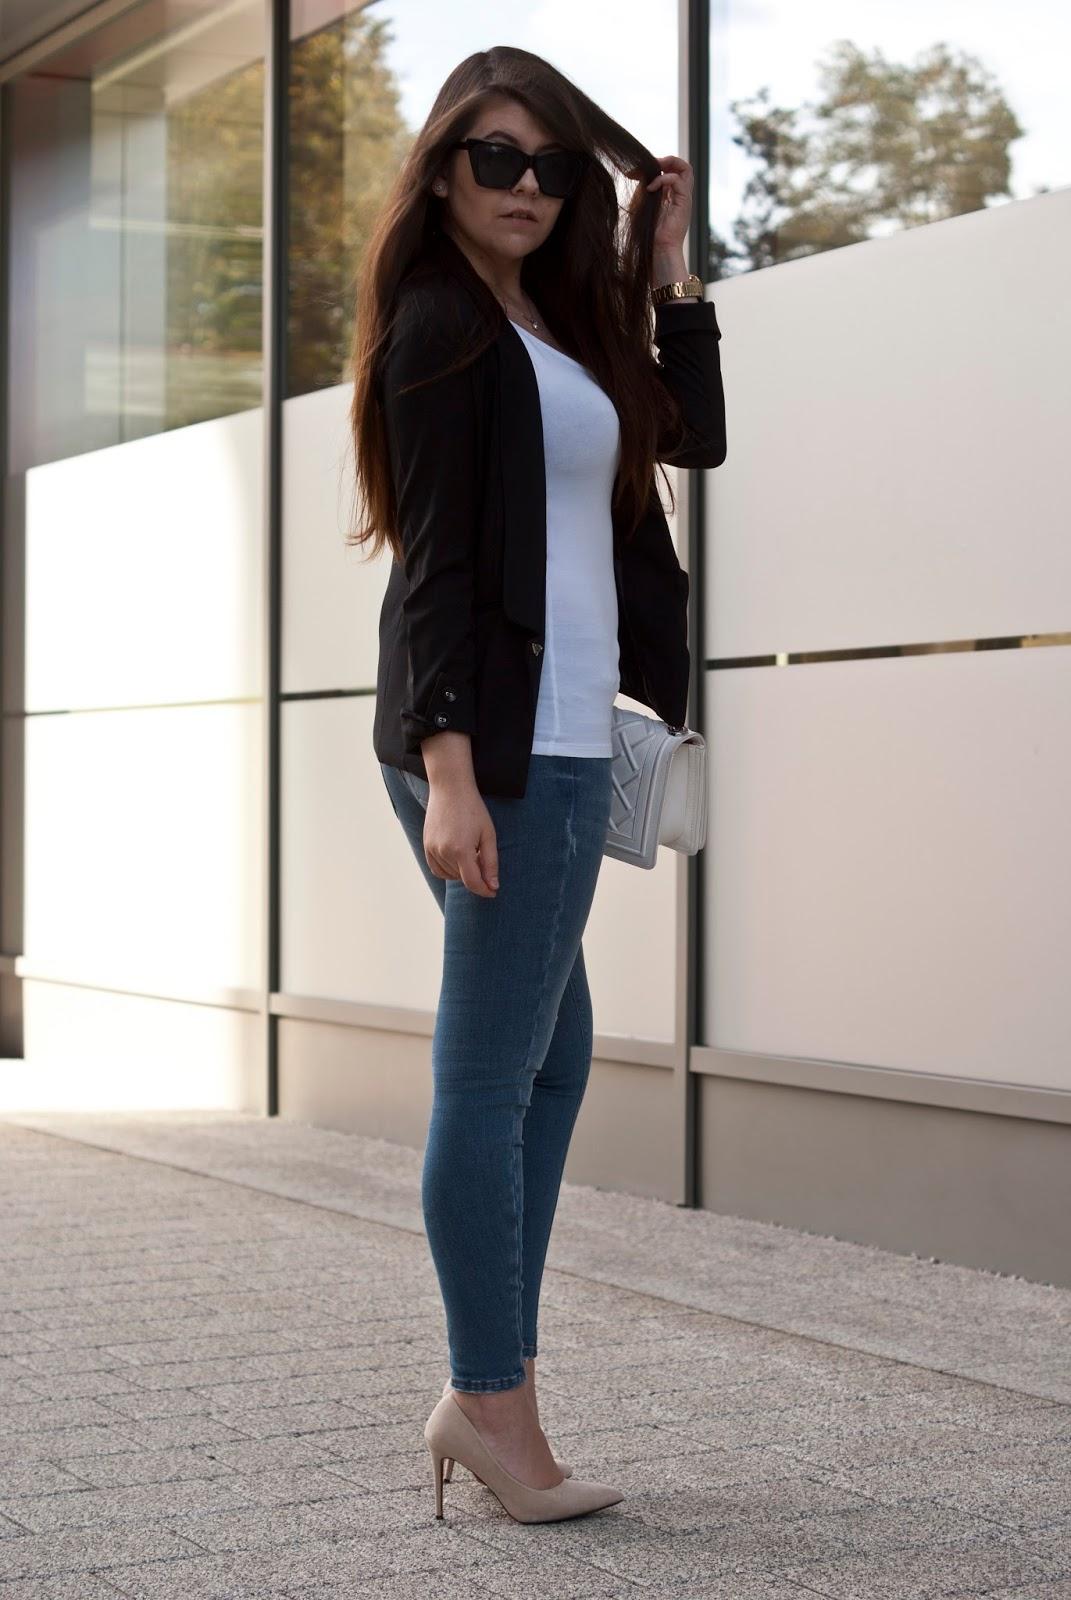 Zara Jeans Black Blazer - Feather - Mój sposób na modę